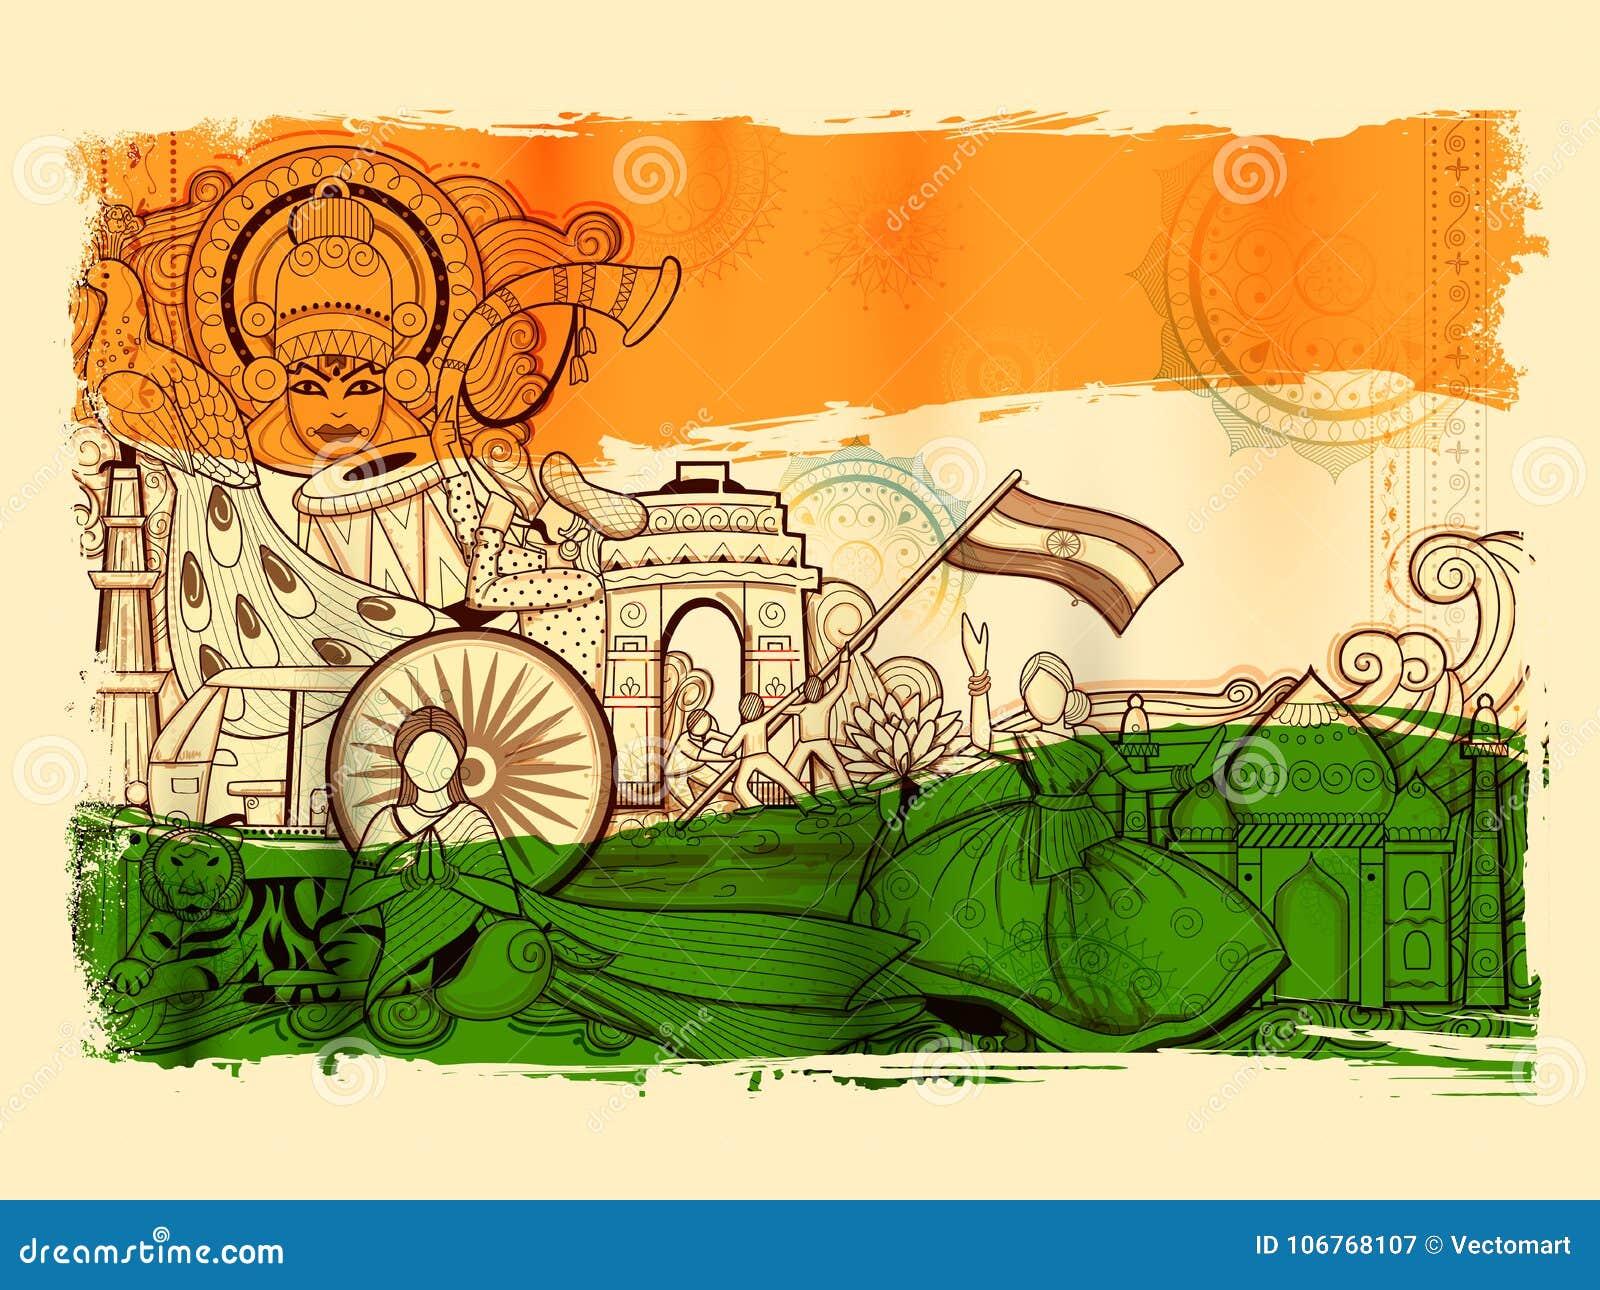 Indien-Hintergrund, der seine unglaubliche Kultur und Verschiedenartigkeit mit Monument, Tanz und Festival zeigt